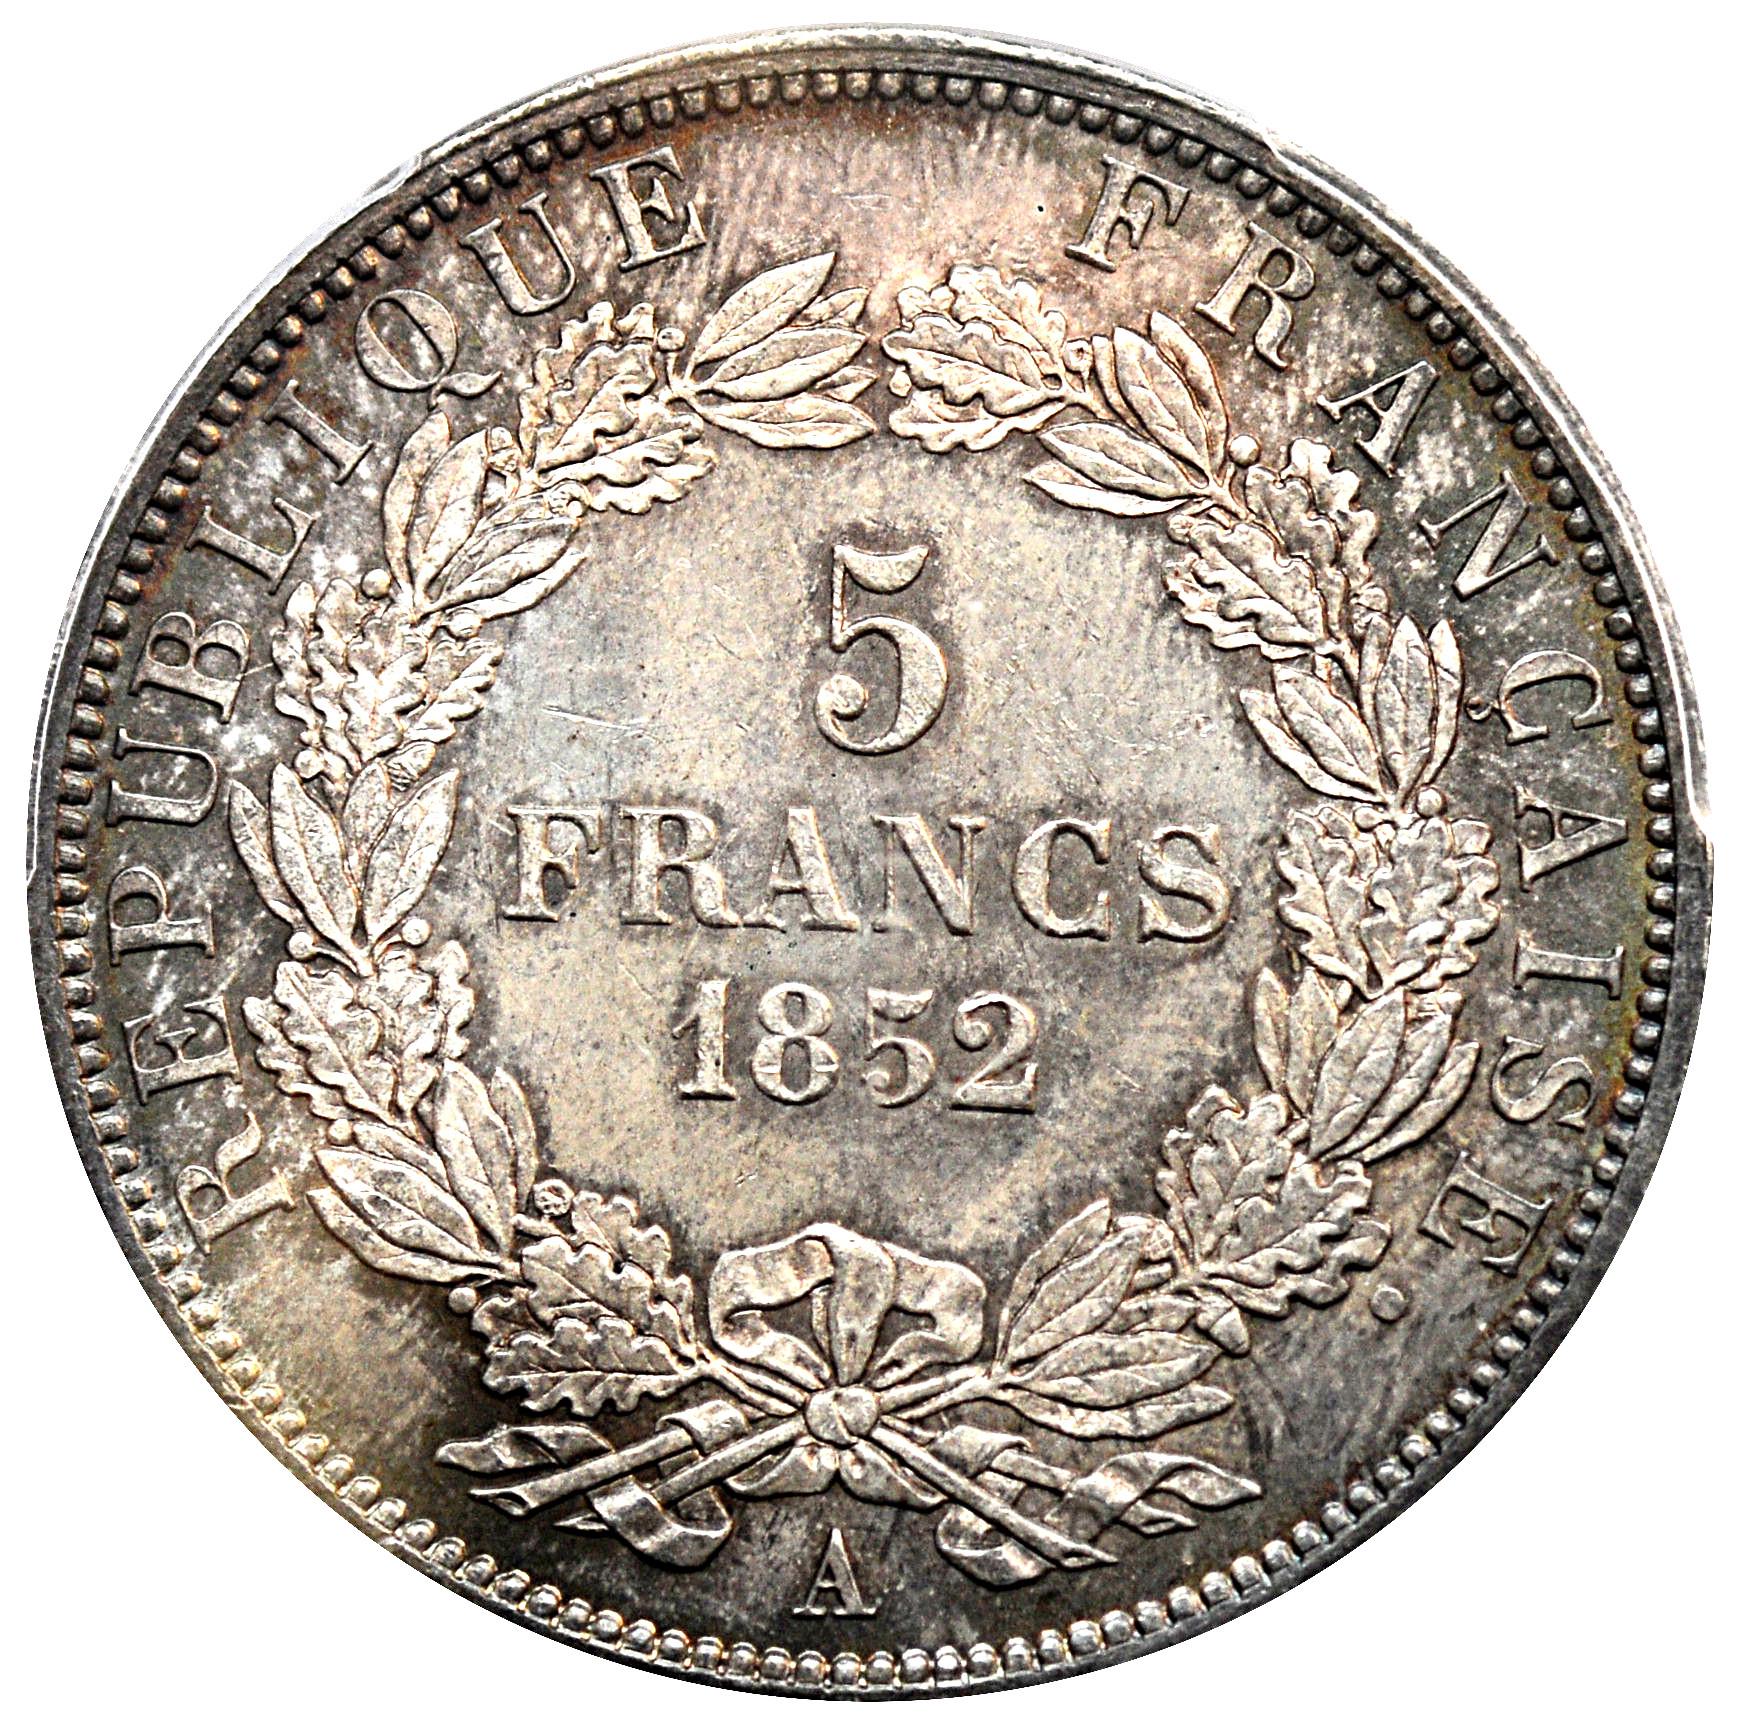 5 Francs Louis Napoleon Bonaparte Tete Nue Republique Francaise